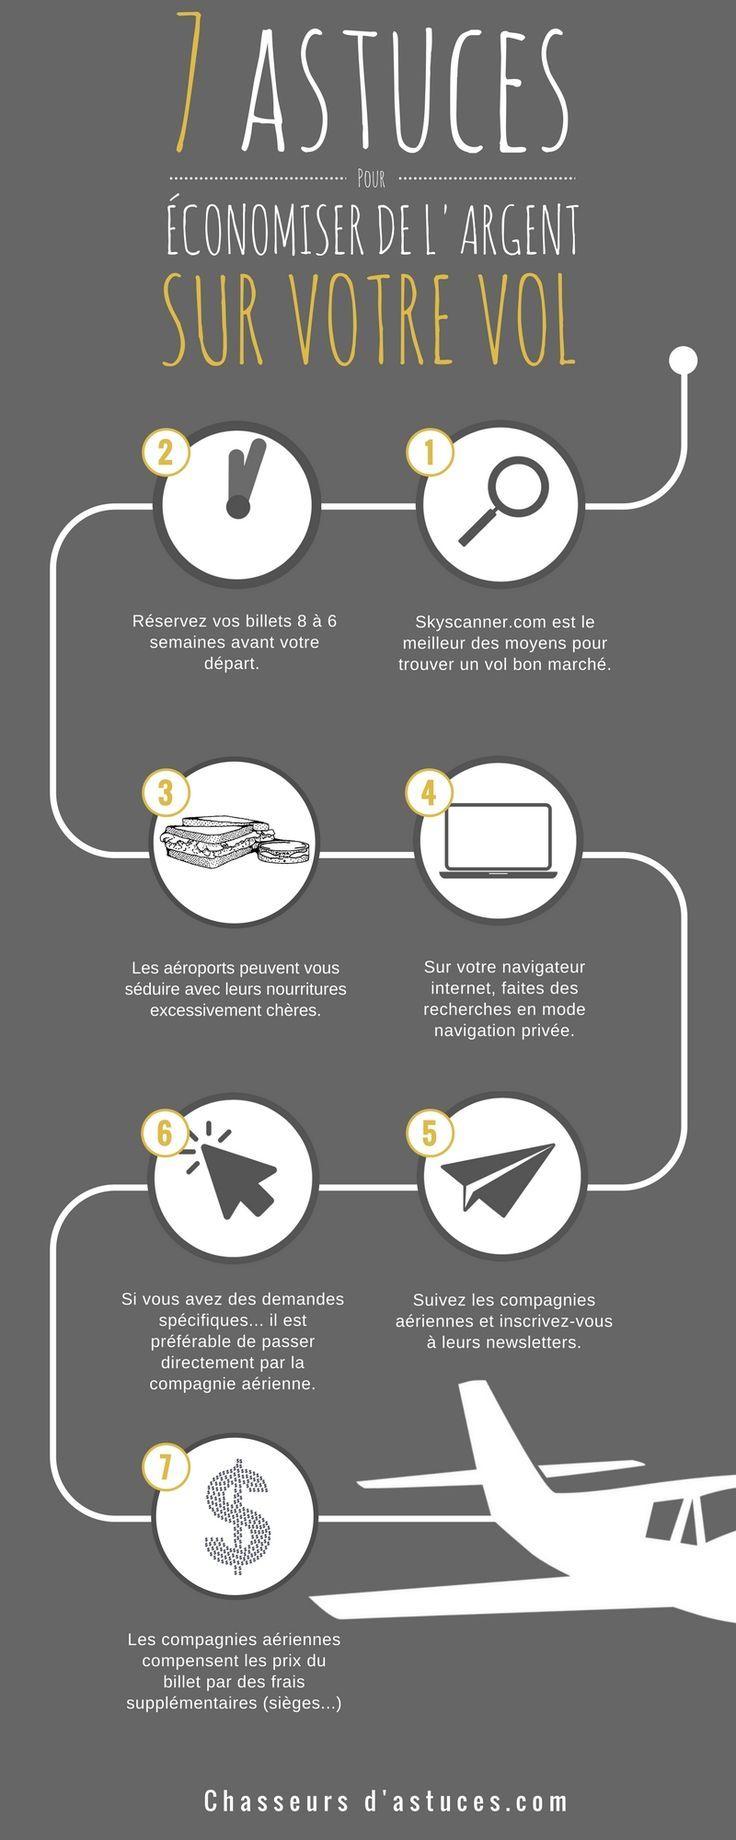 7 astuces pour conomiser de l 39 argent sur votre prochain vol voyages autour du monde. Black Bedroom Furniture Sets. Home Design Ideas